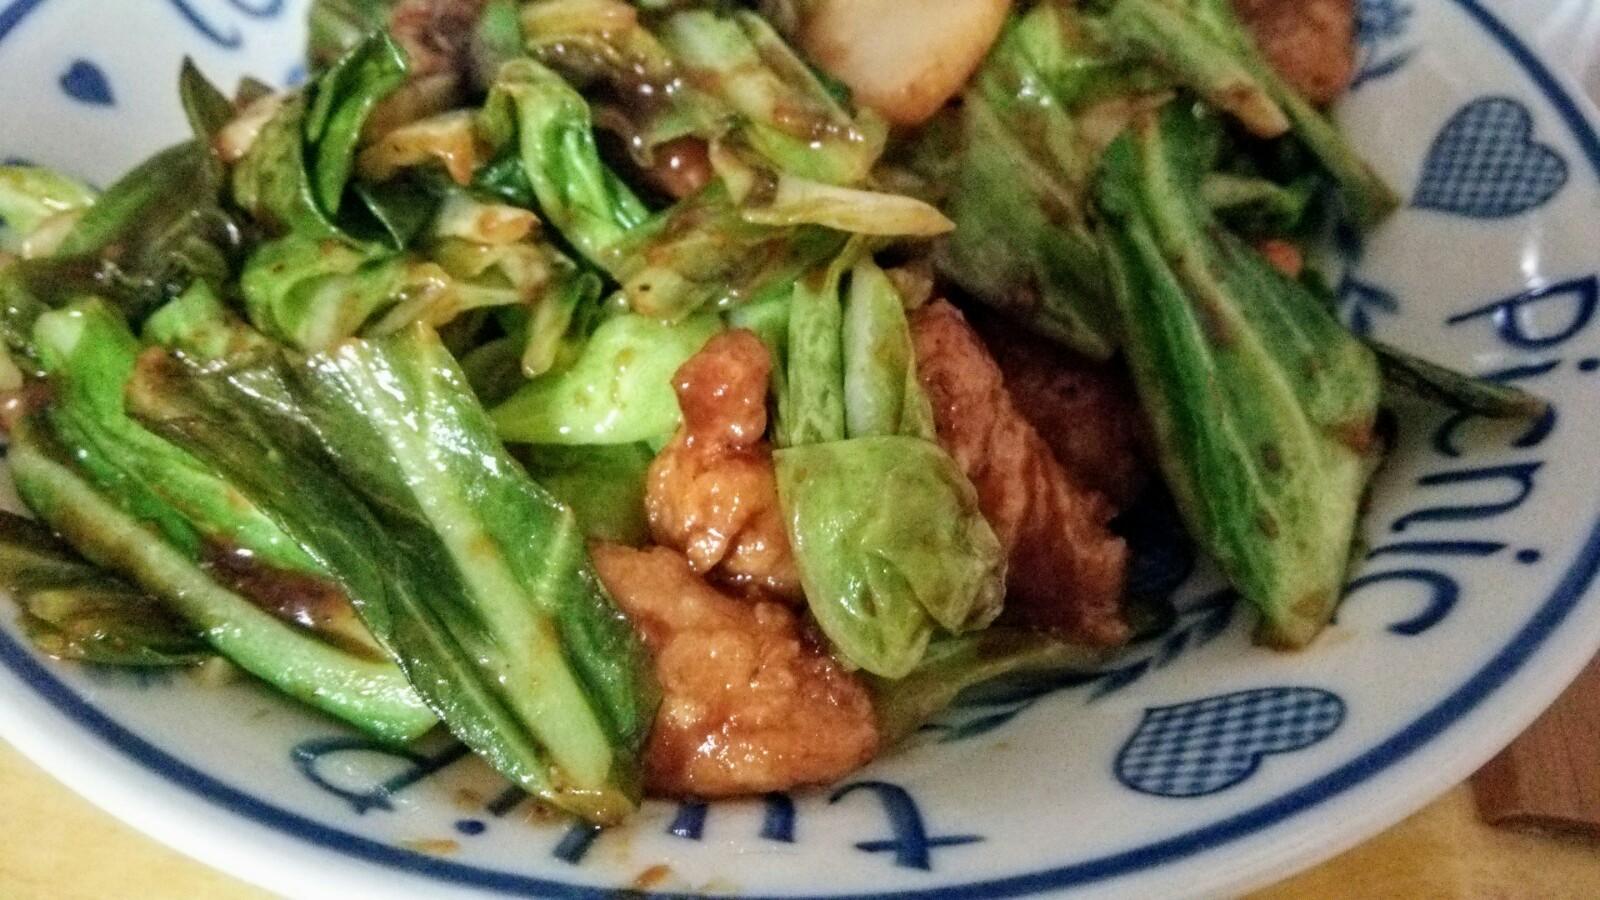 食材宅配コープデリで購入した日本ハムの「豚から揚げとたけのこの甘辛みそ炒め」簡単料理セットを調理してみました!